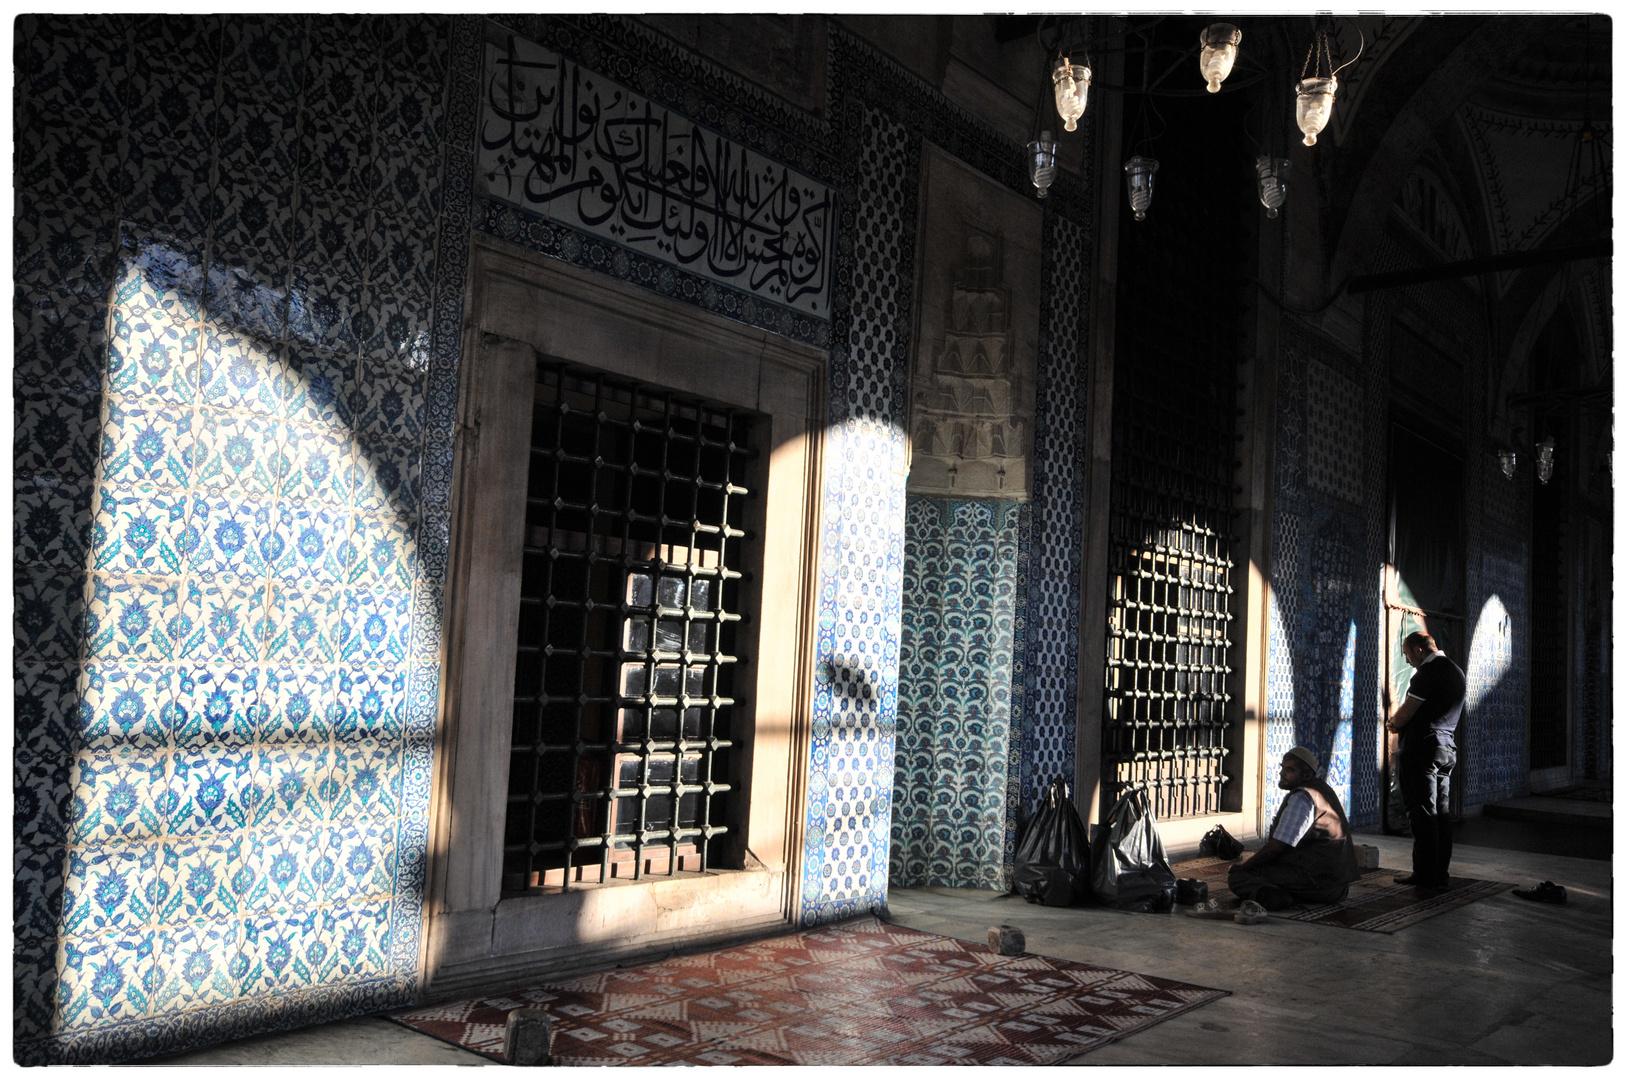 Rüstem Pascha Moschee in Instanbul